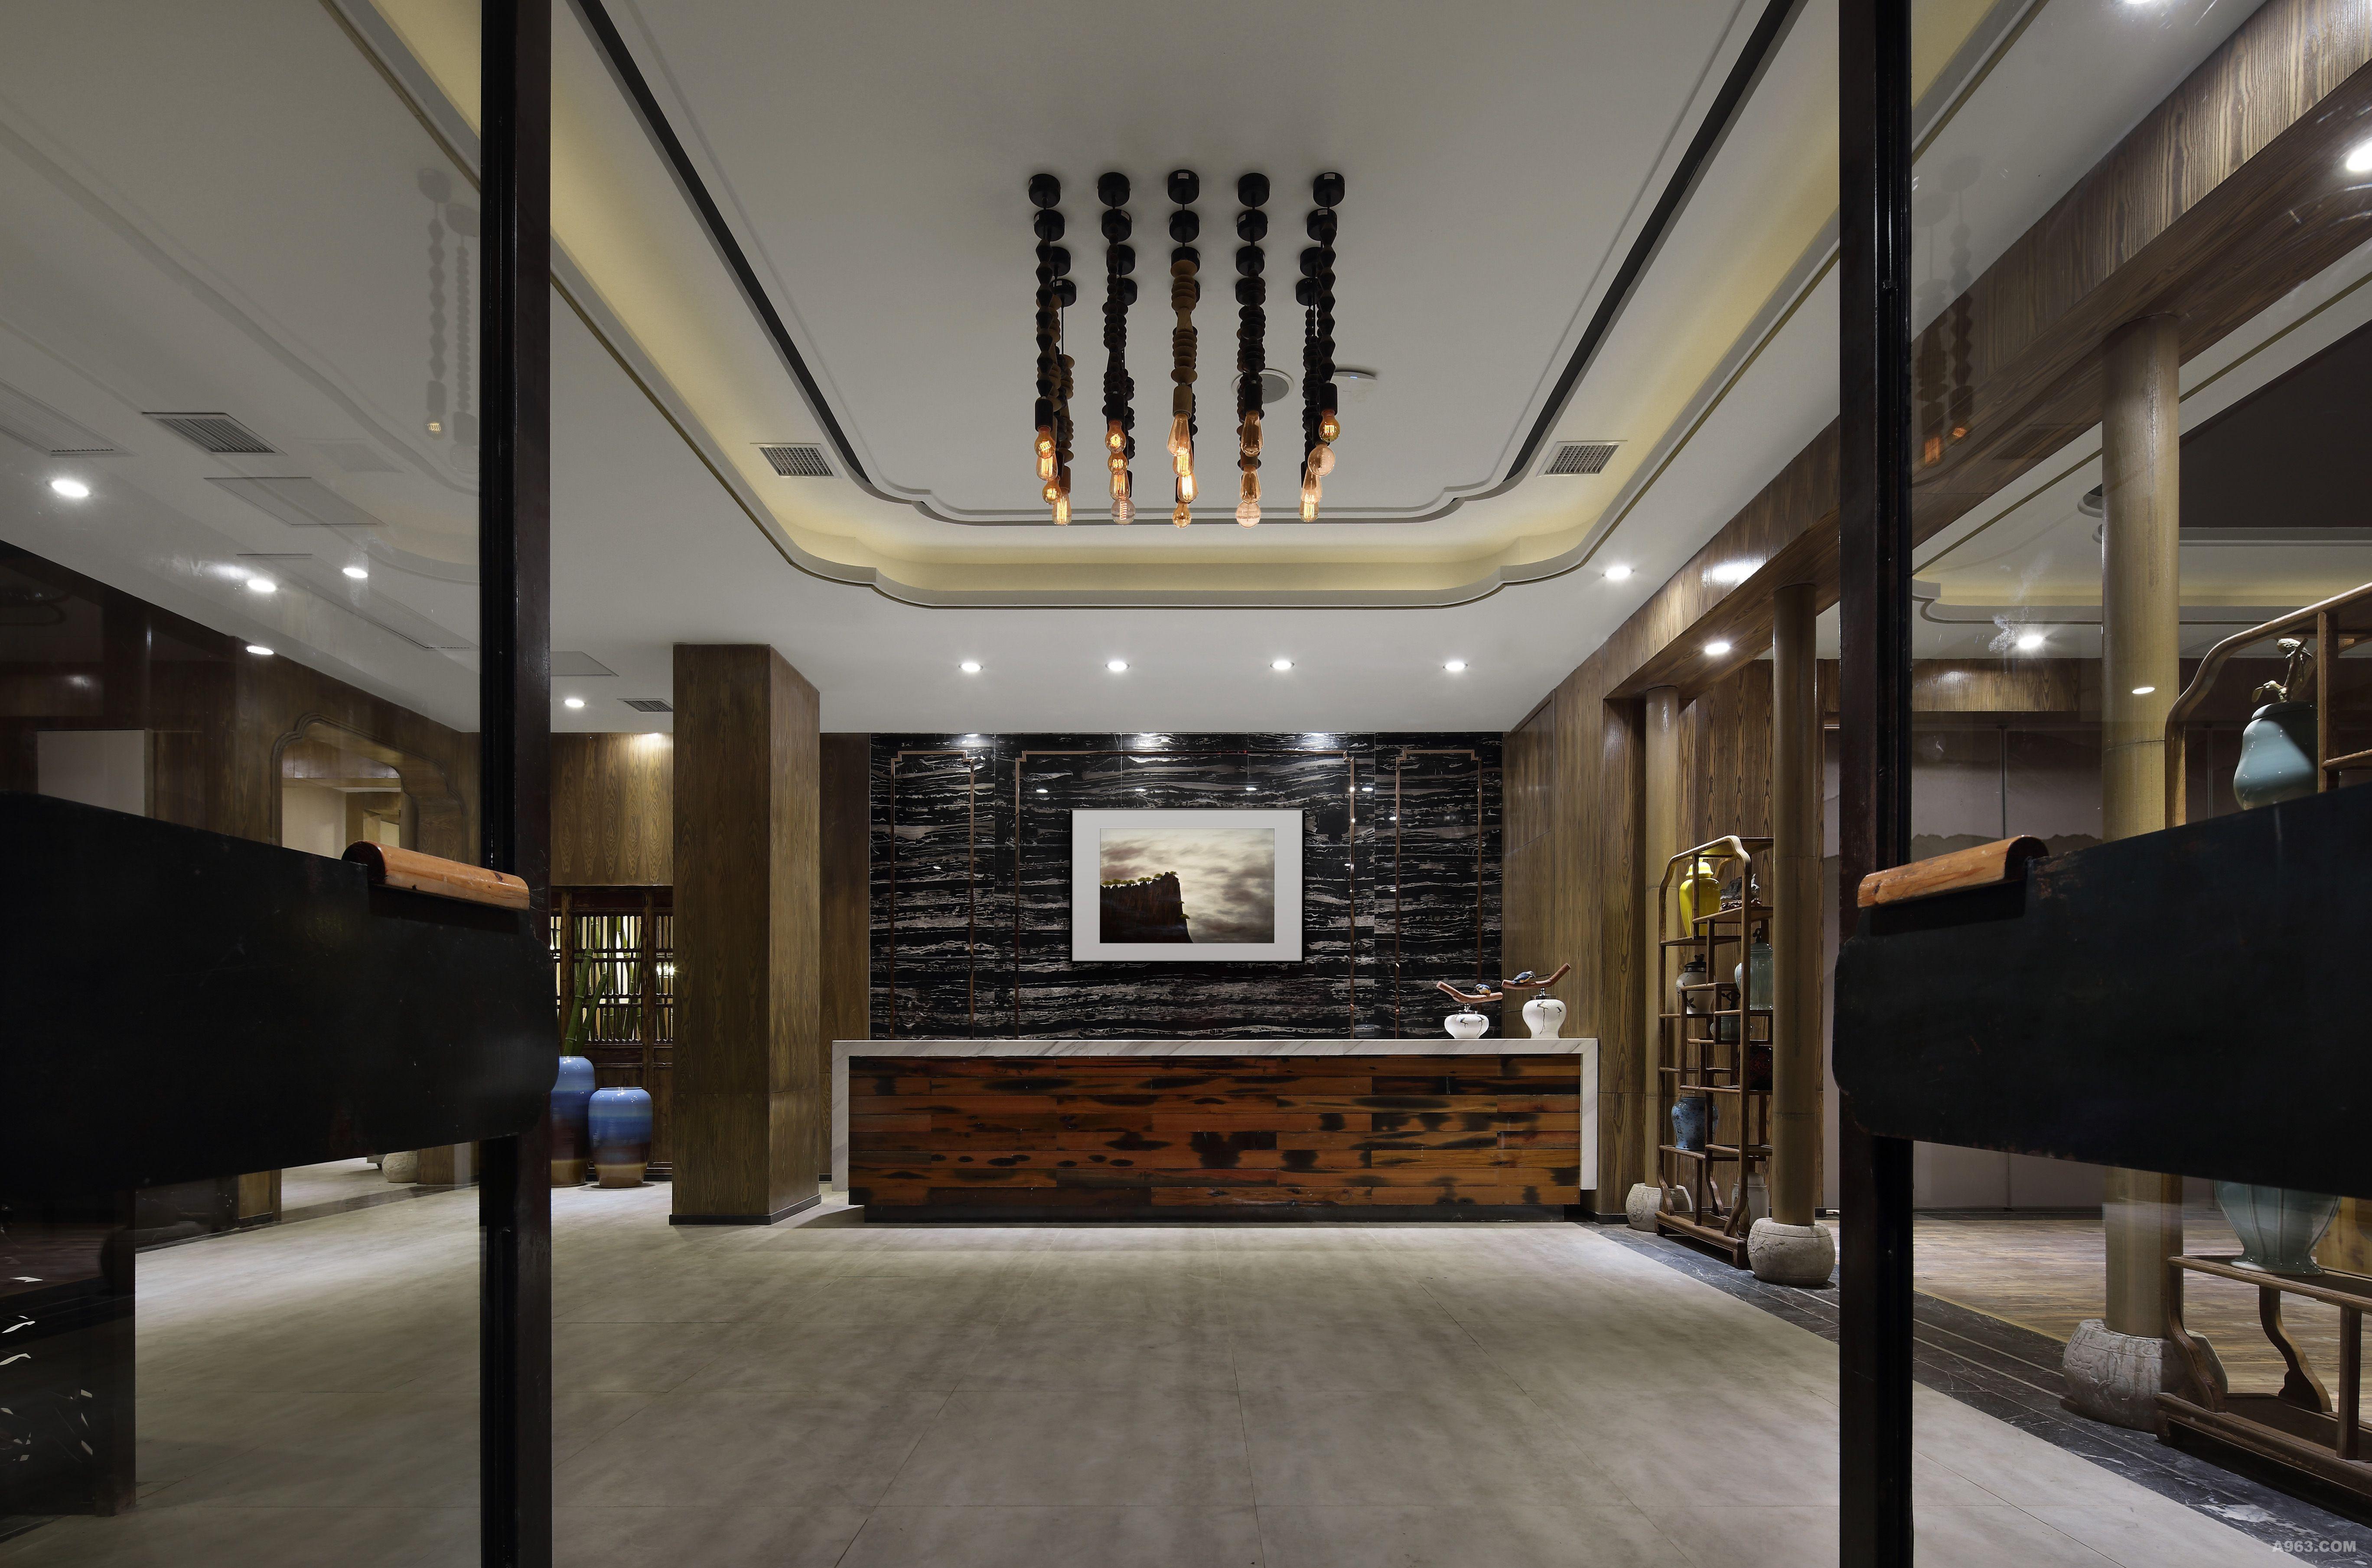 公司:ftf建筑室内设计事务所    主案设计:胡元奎    主要材料:水泥砖